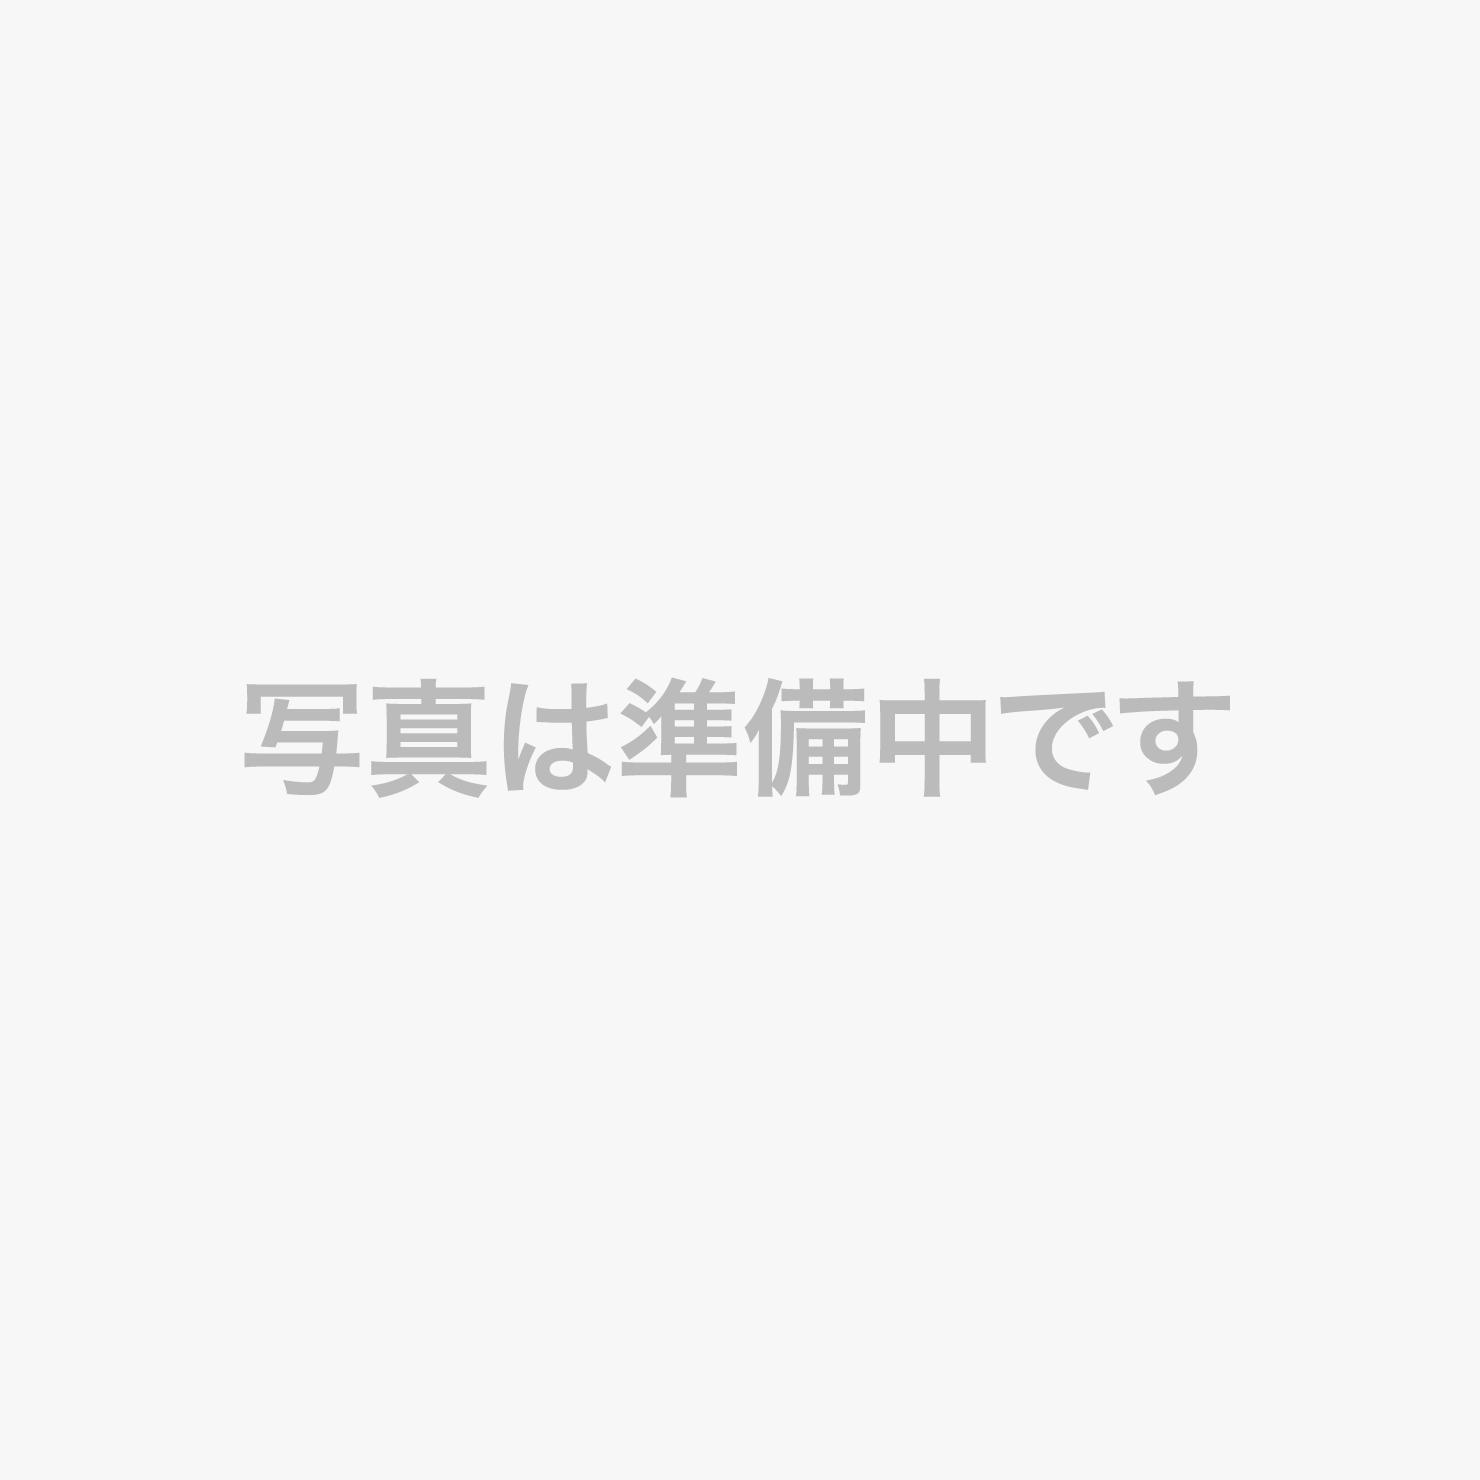 ■朝の彩り御膳5 (イメージ)■